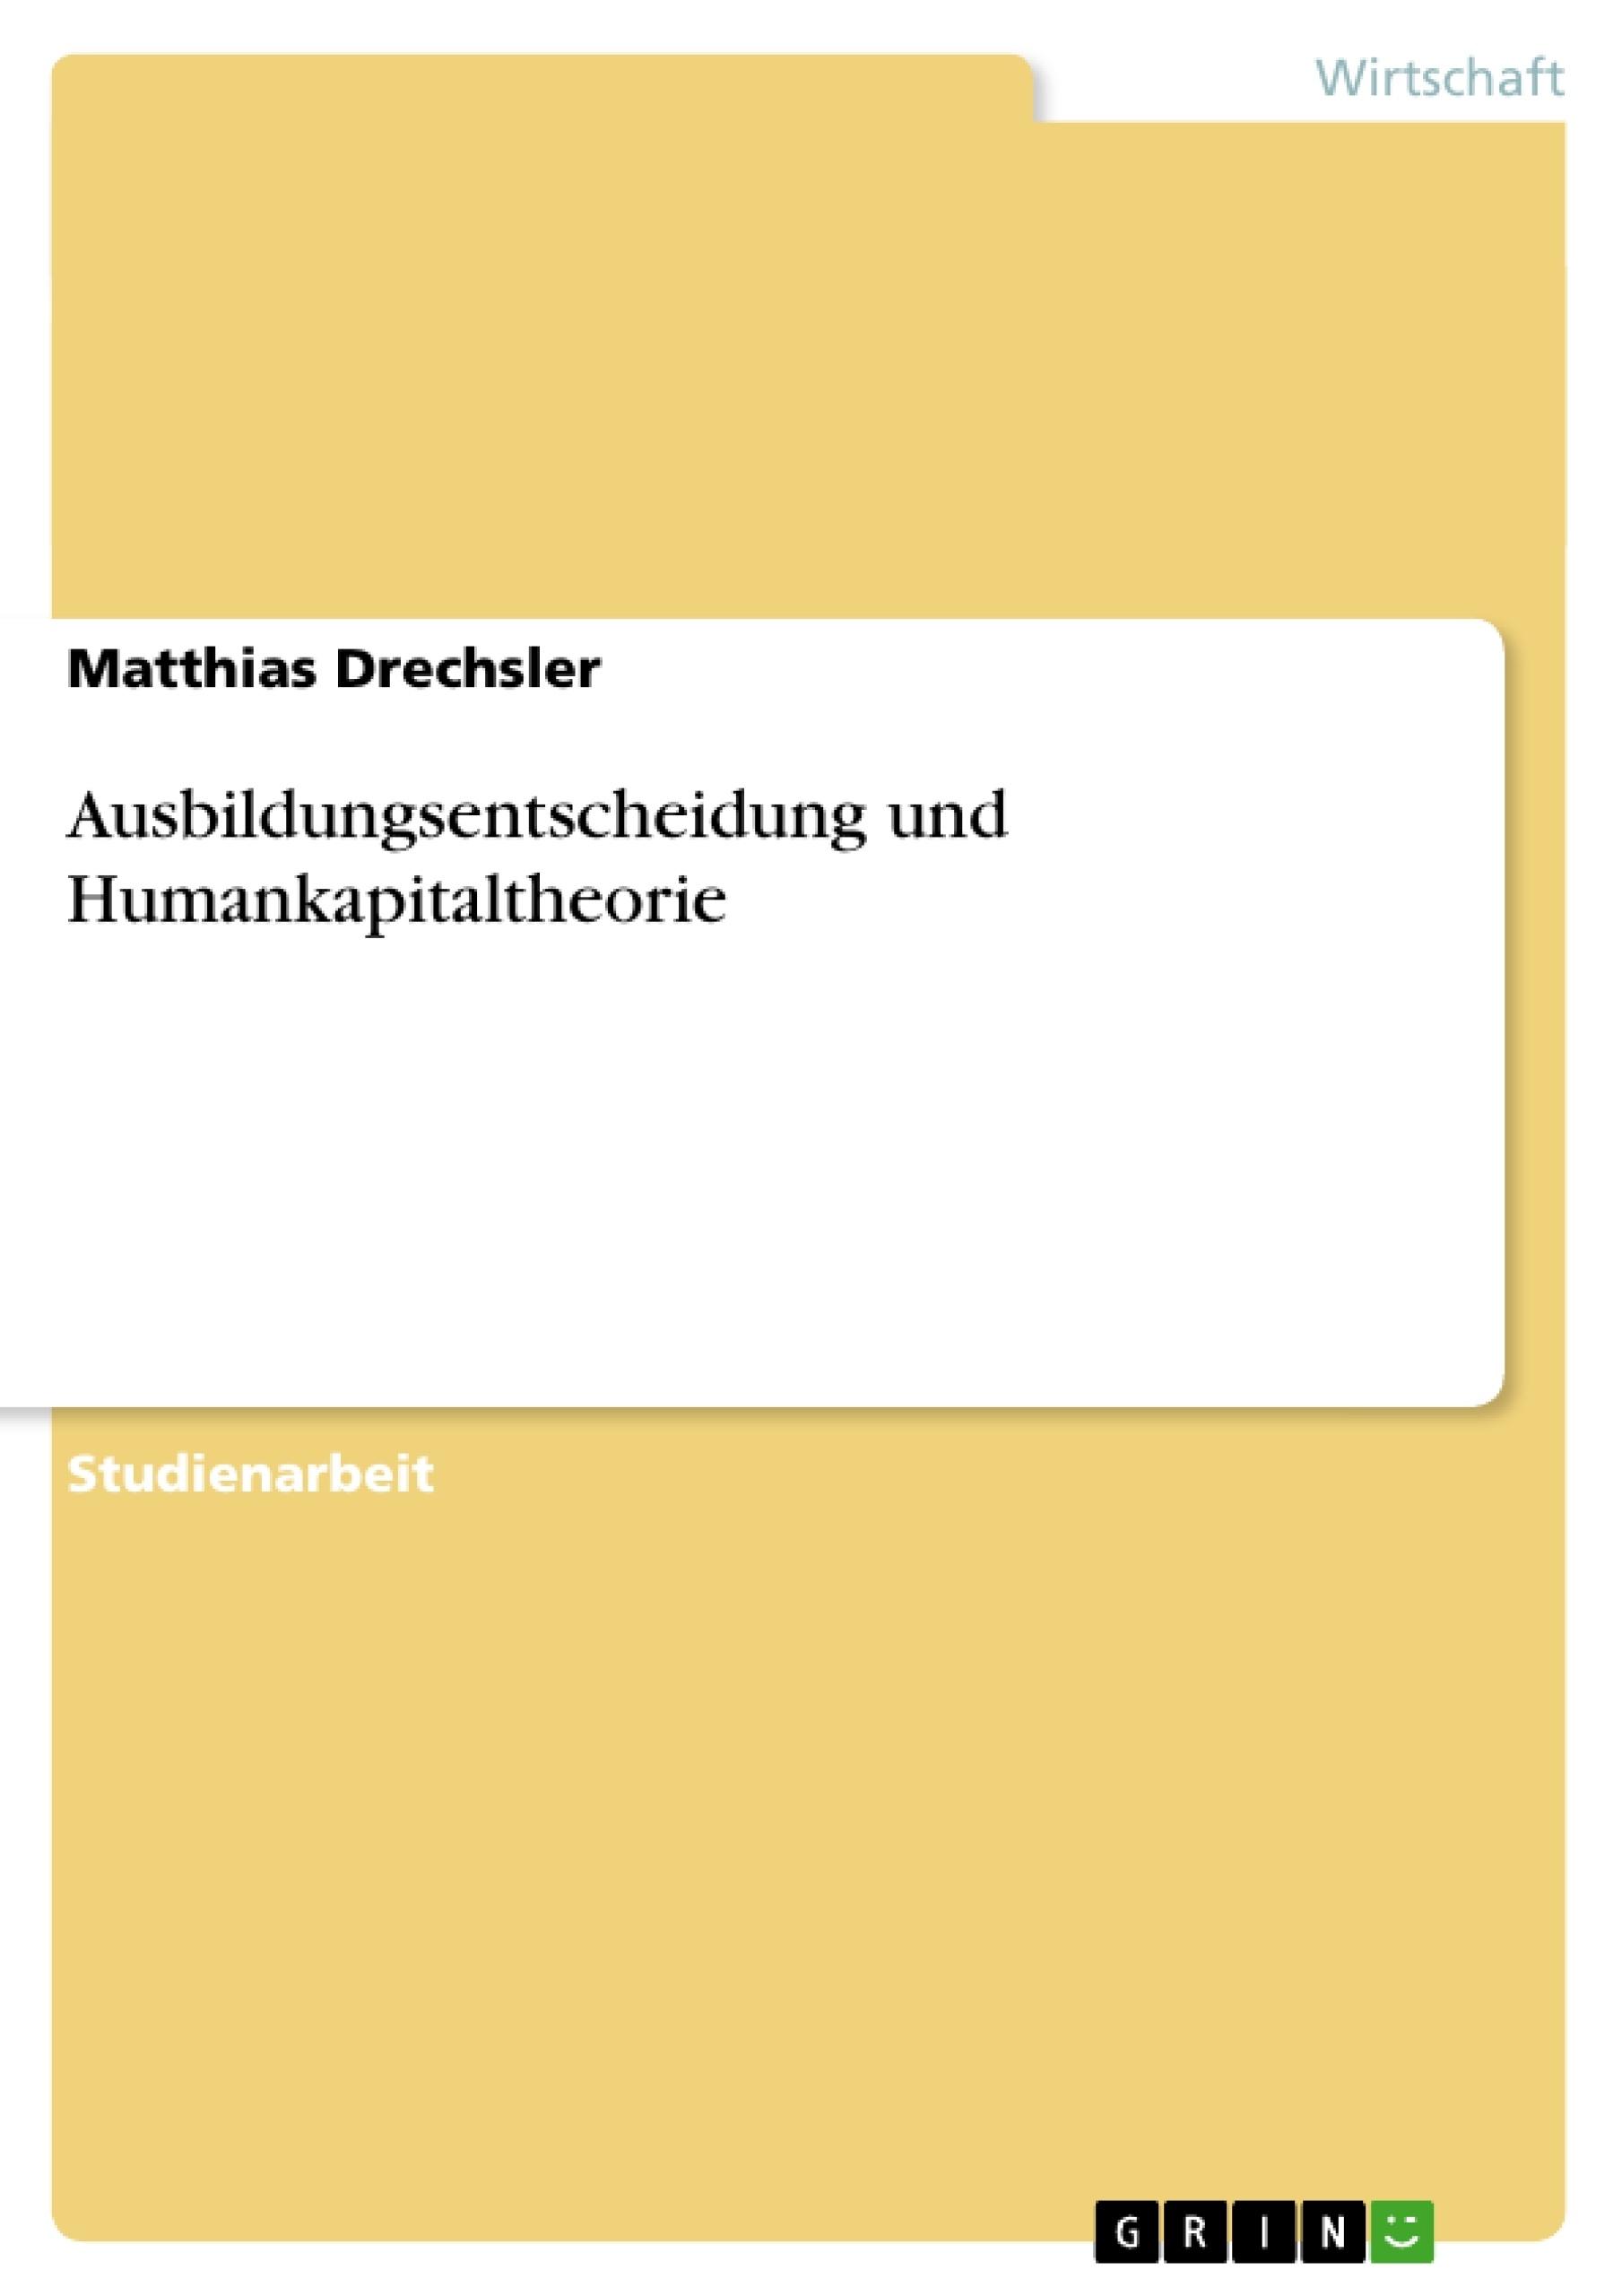 Titel: Ausbildungsentscheidung und Humankapitaltheorie